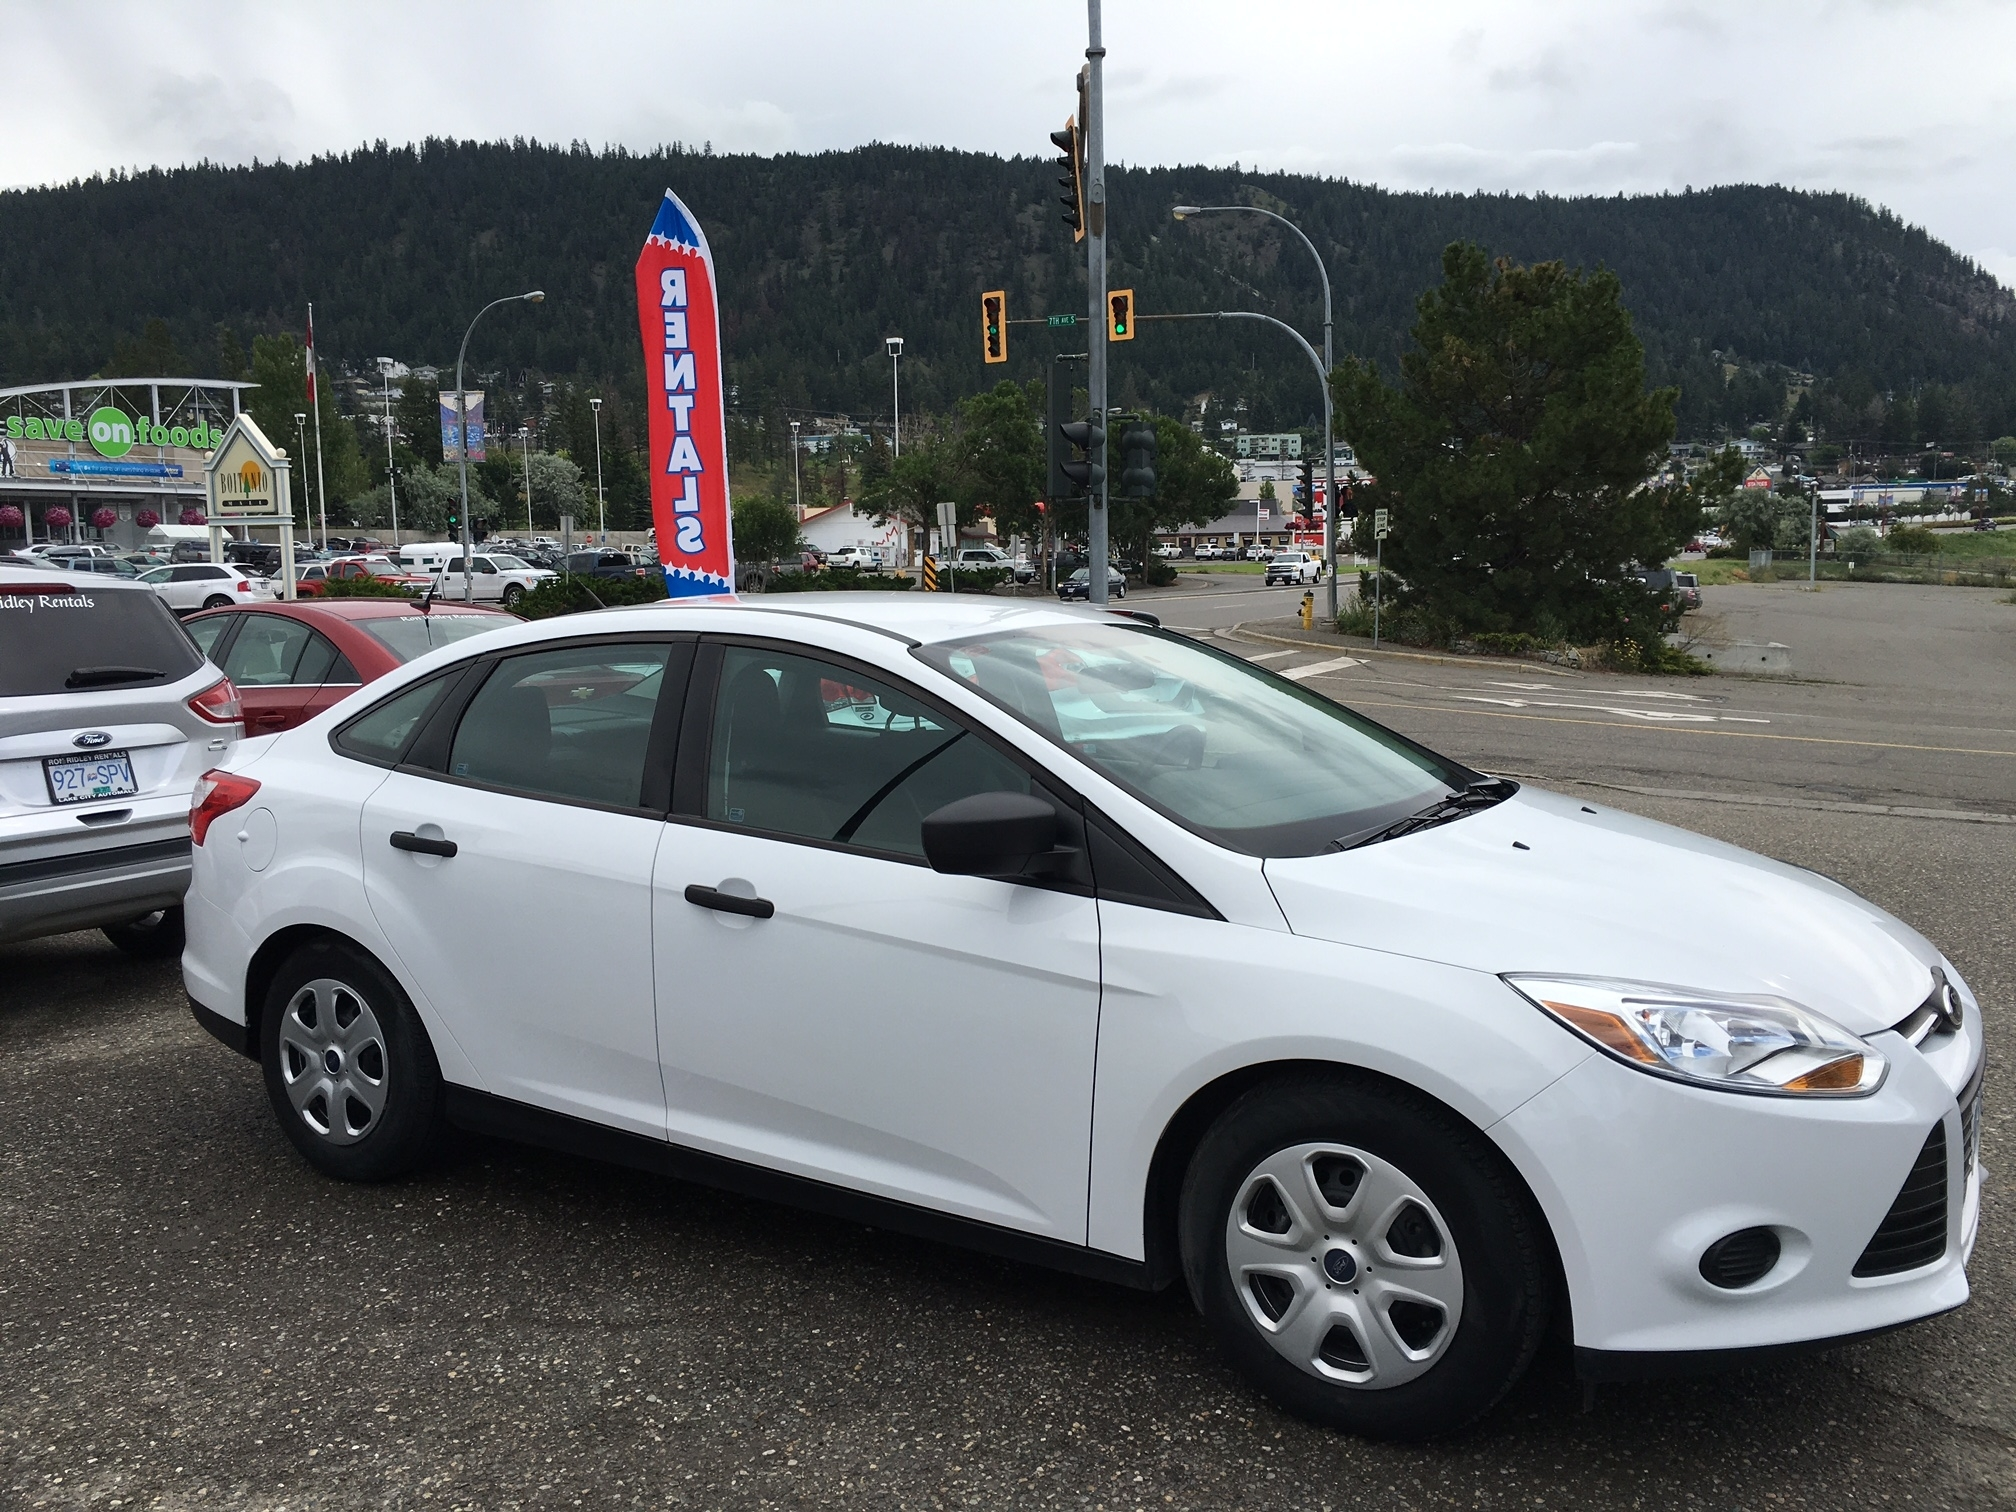 Williams Lake Car Rental